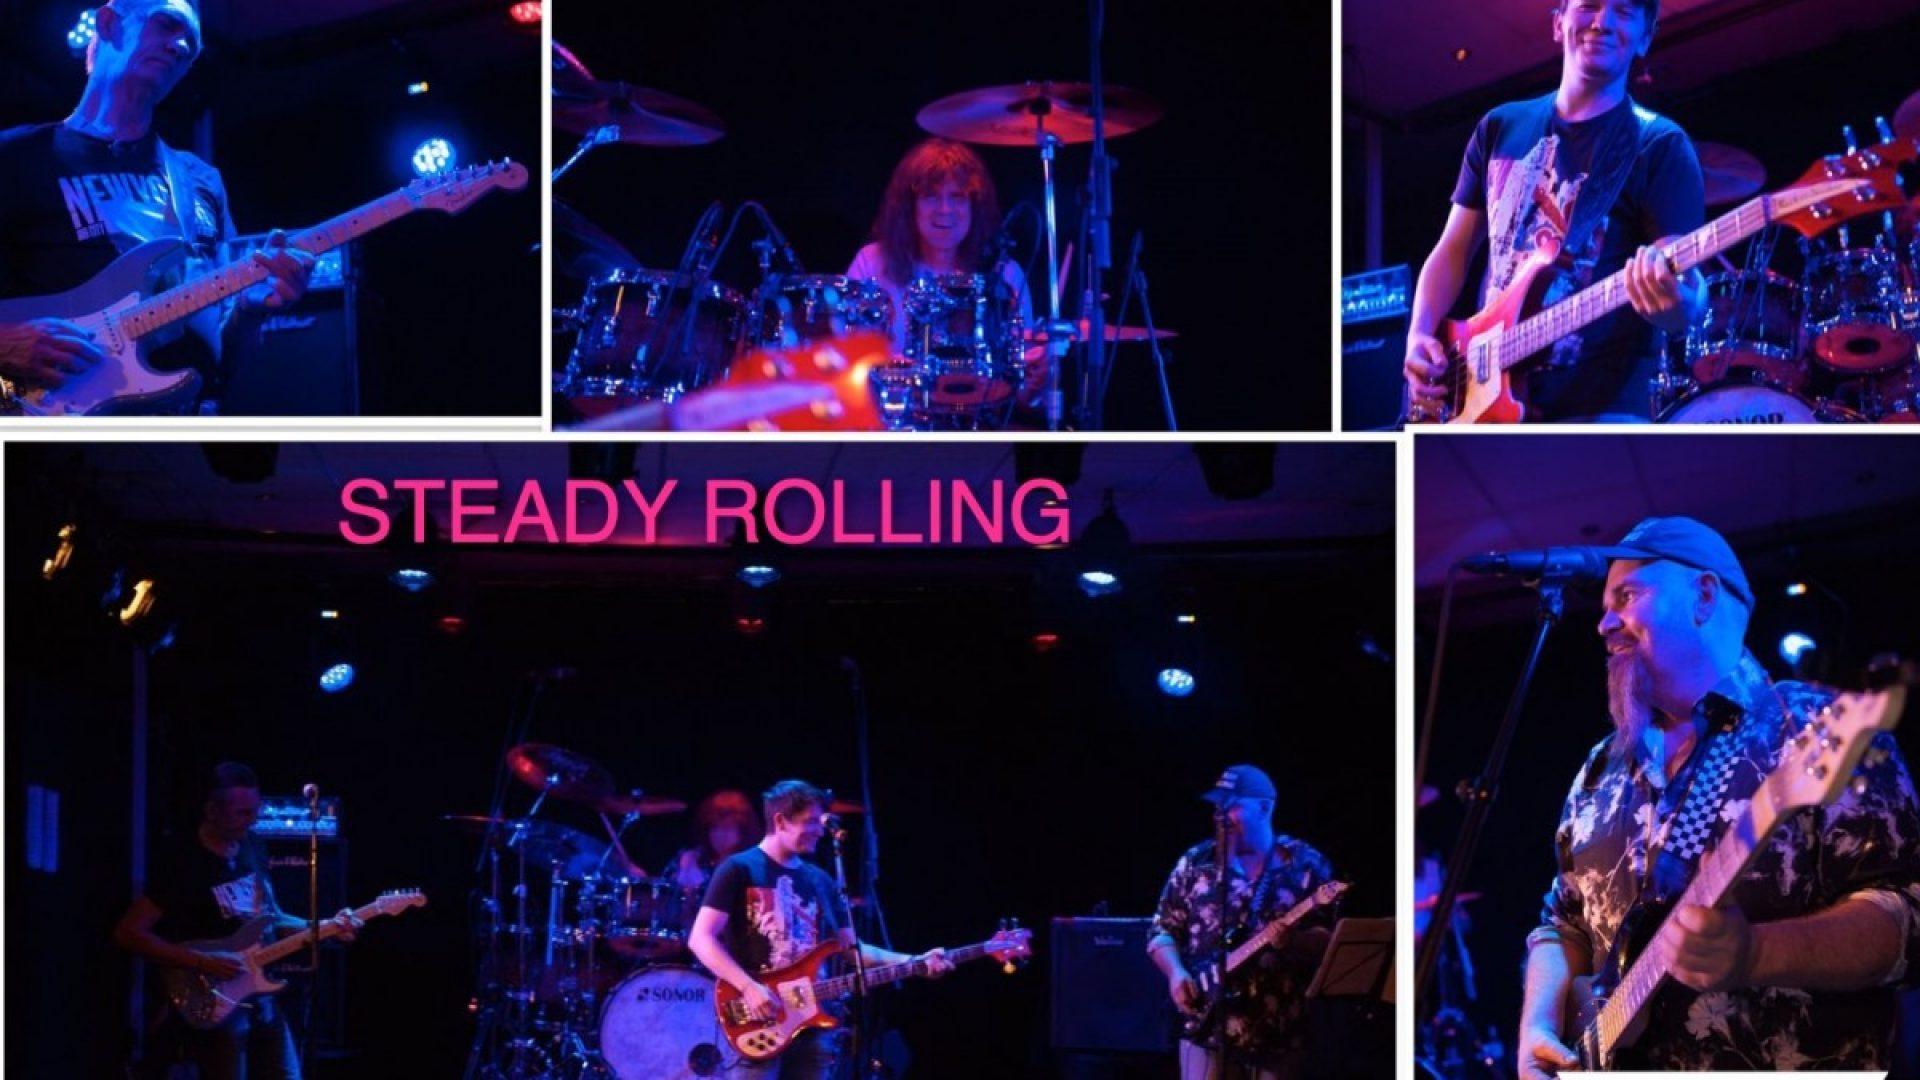 Reklameplakat Steady Rolling